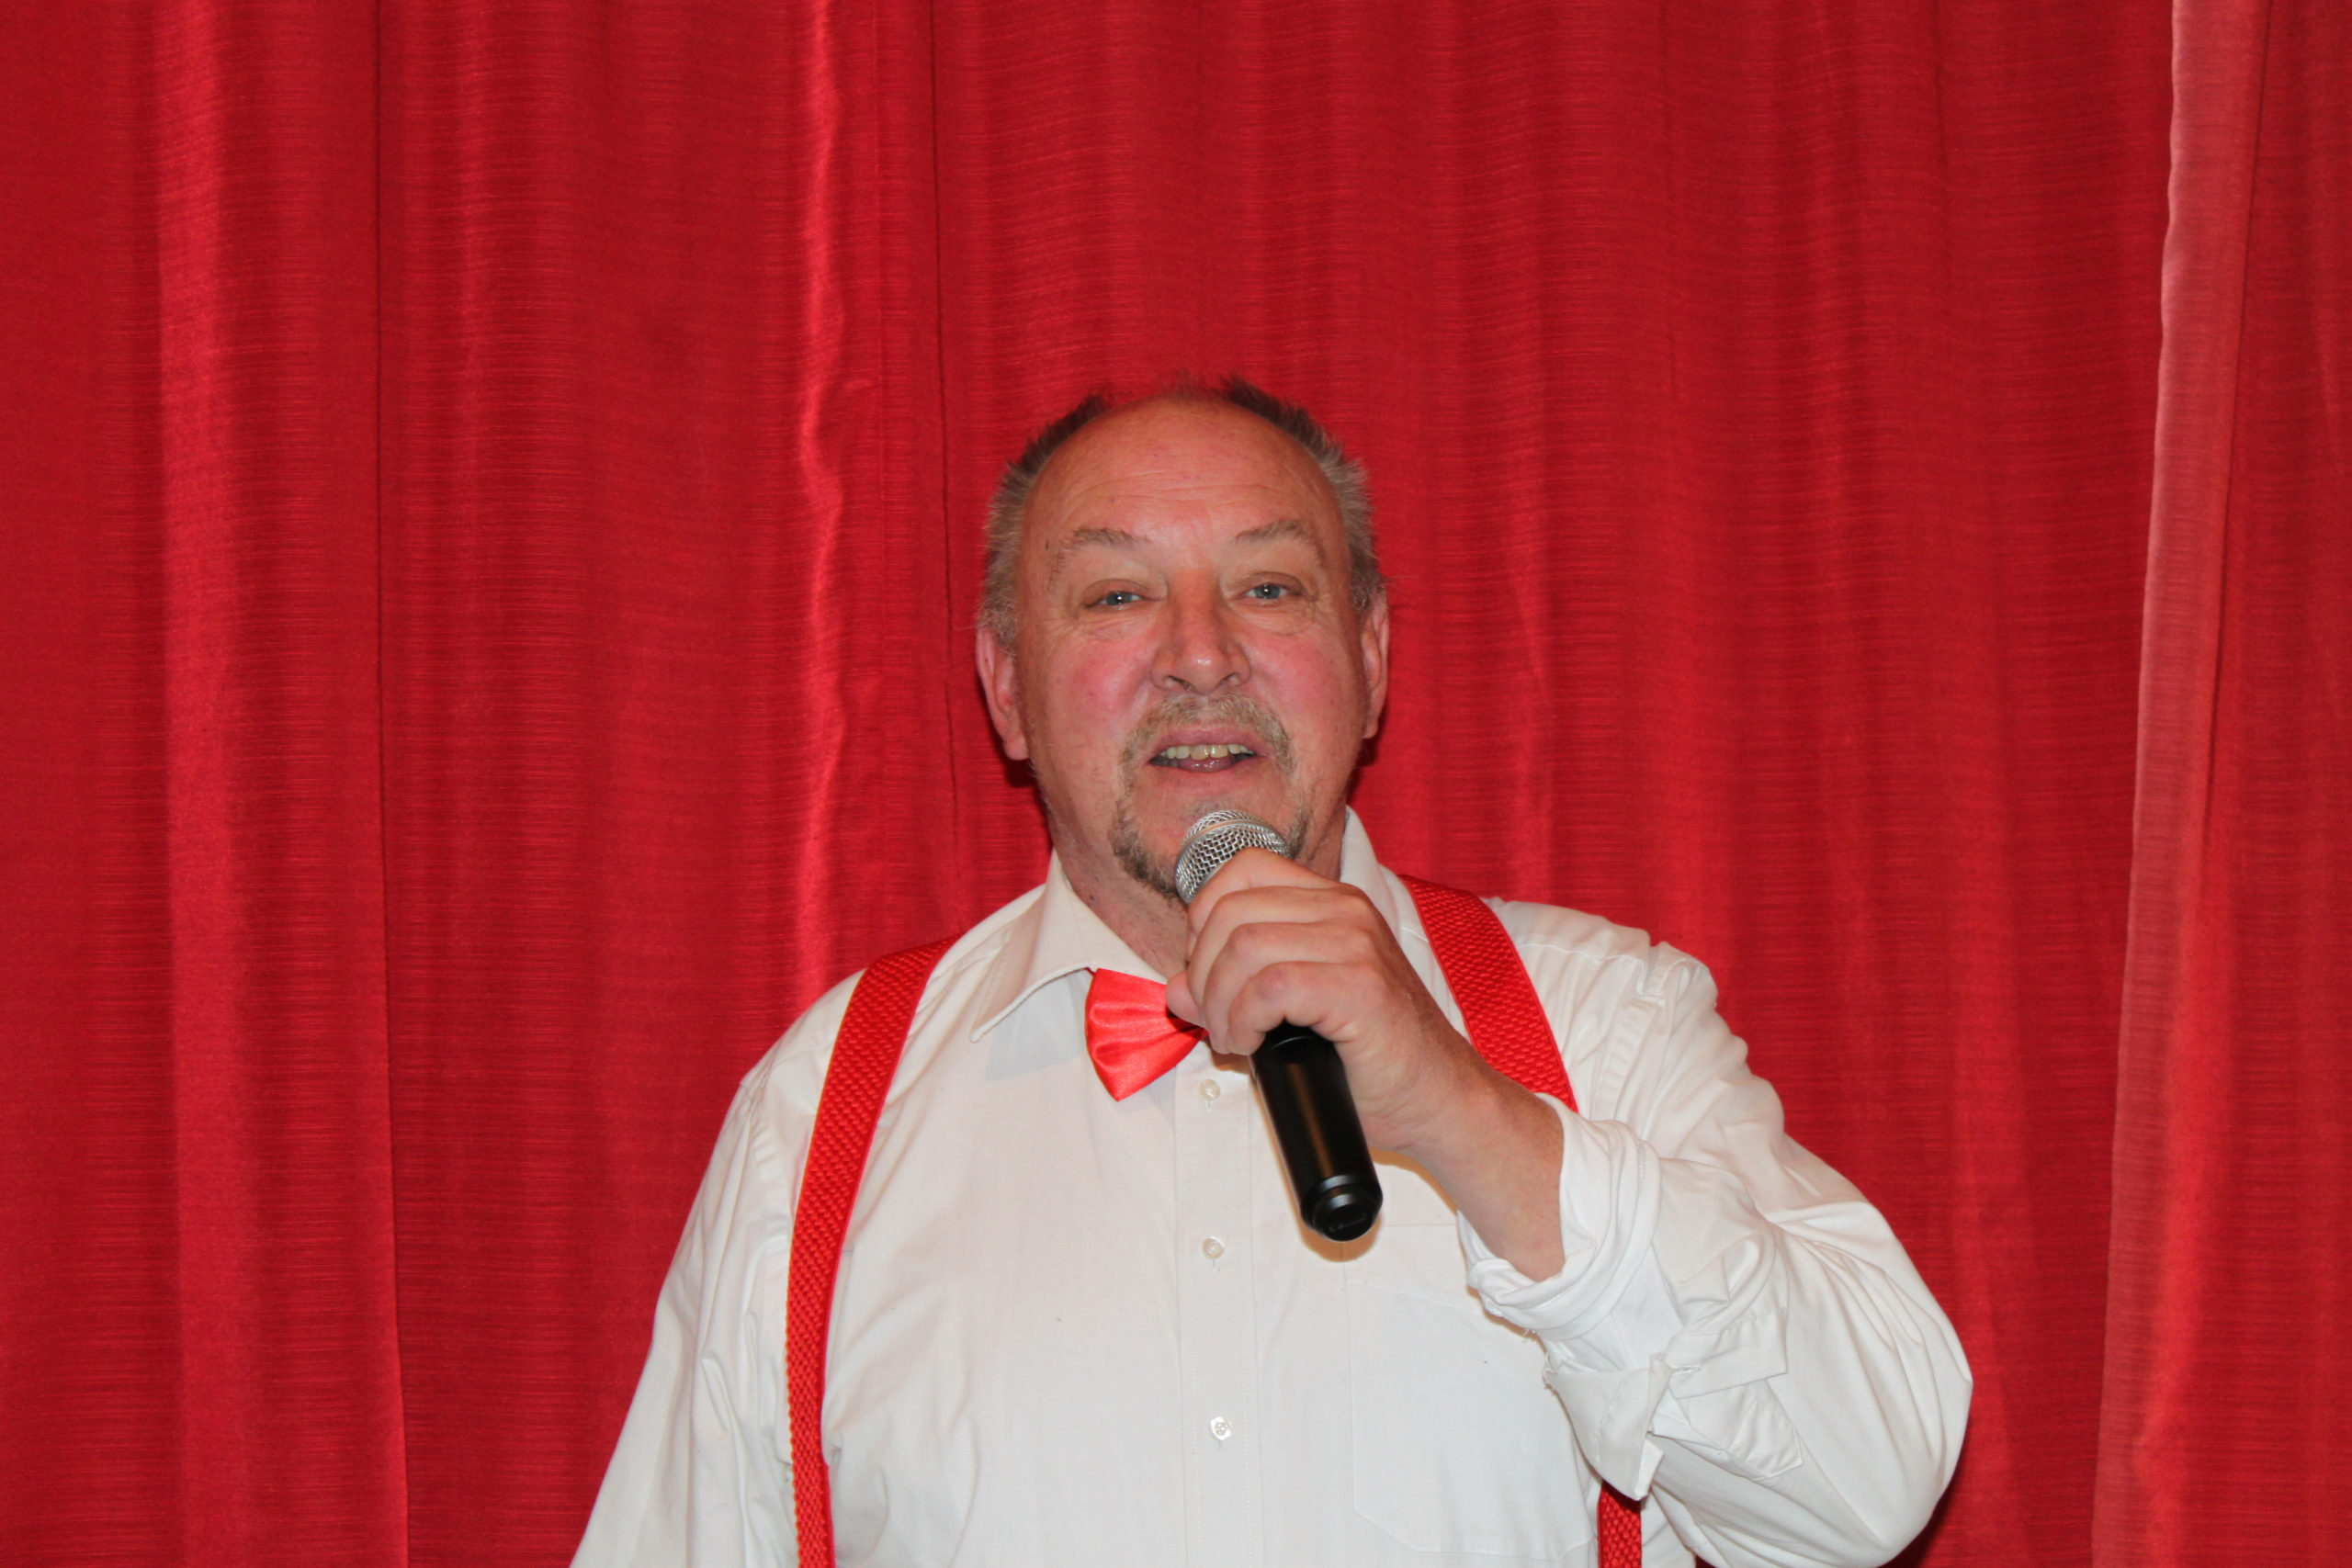 Wolfgang Oldhafer